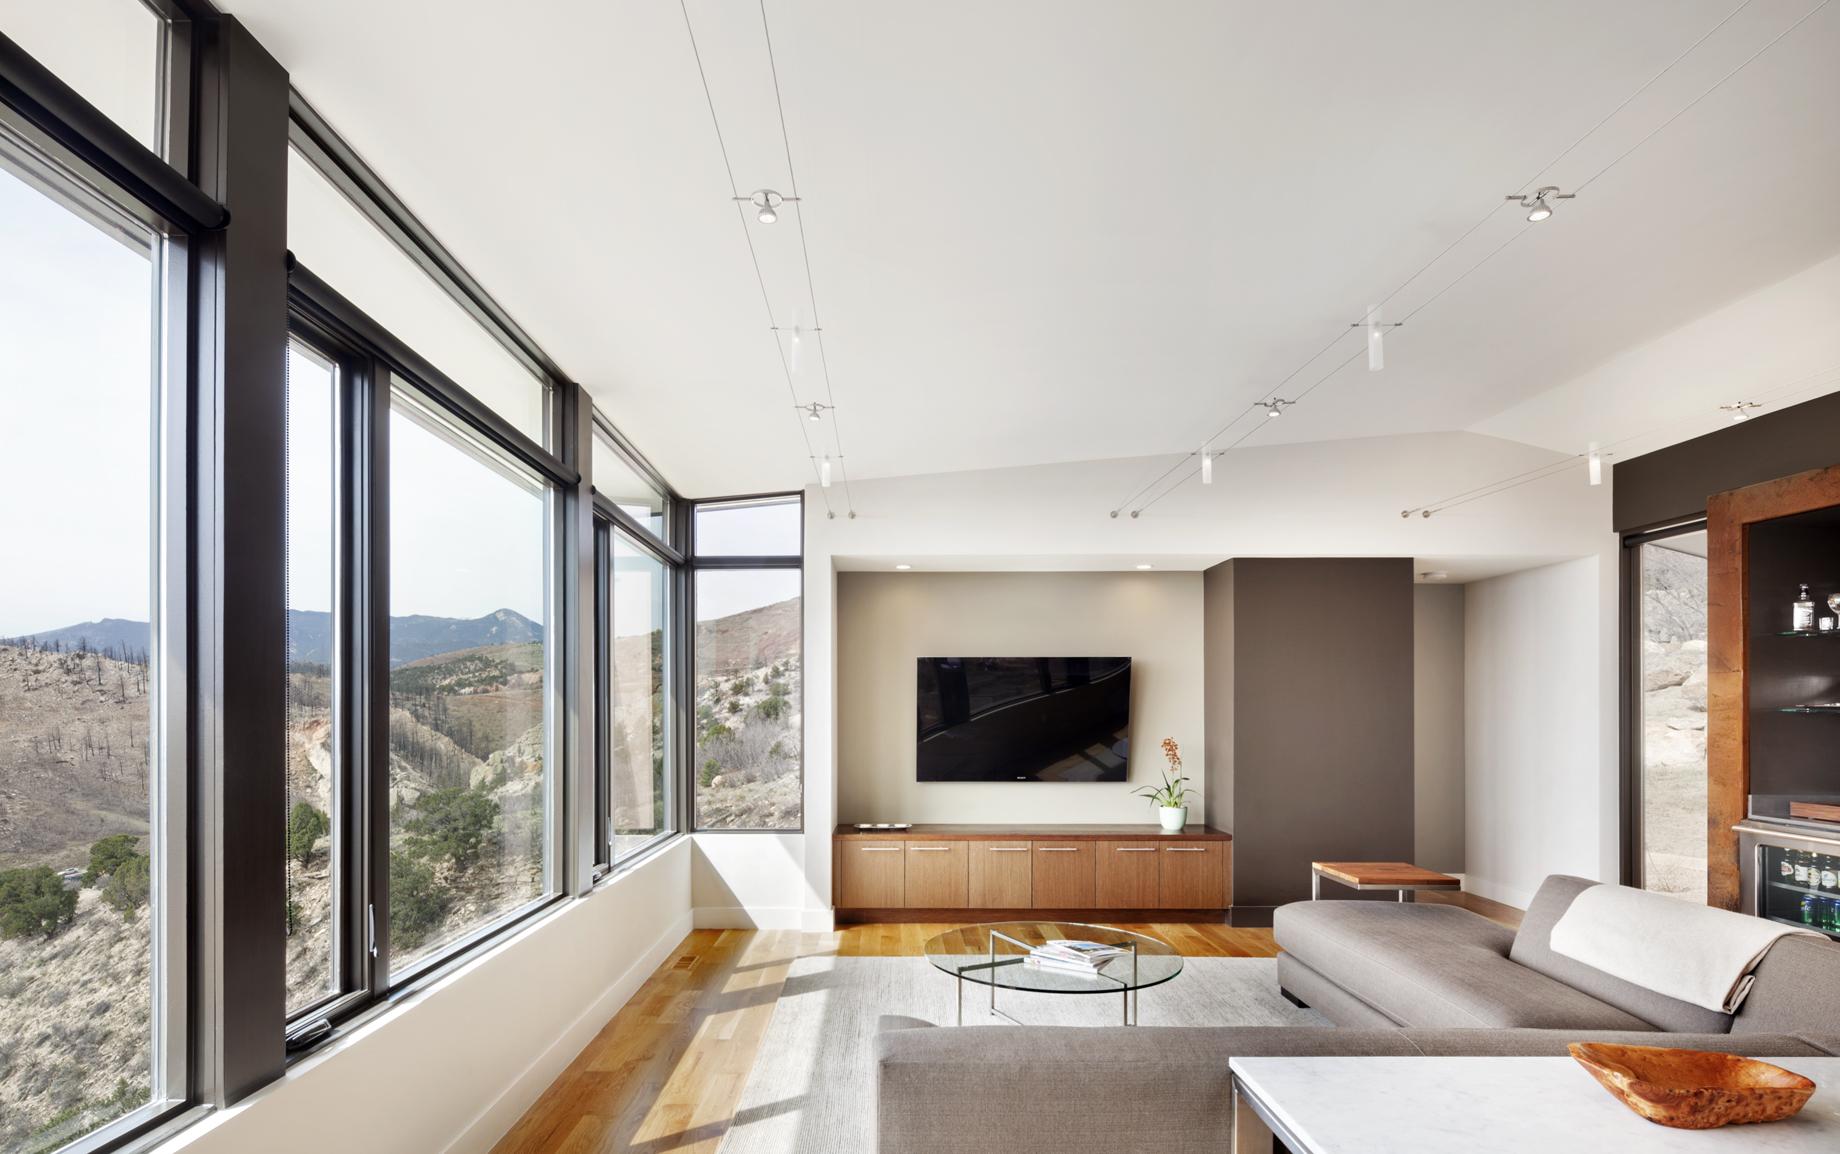 009_Living Room.jpg